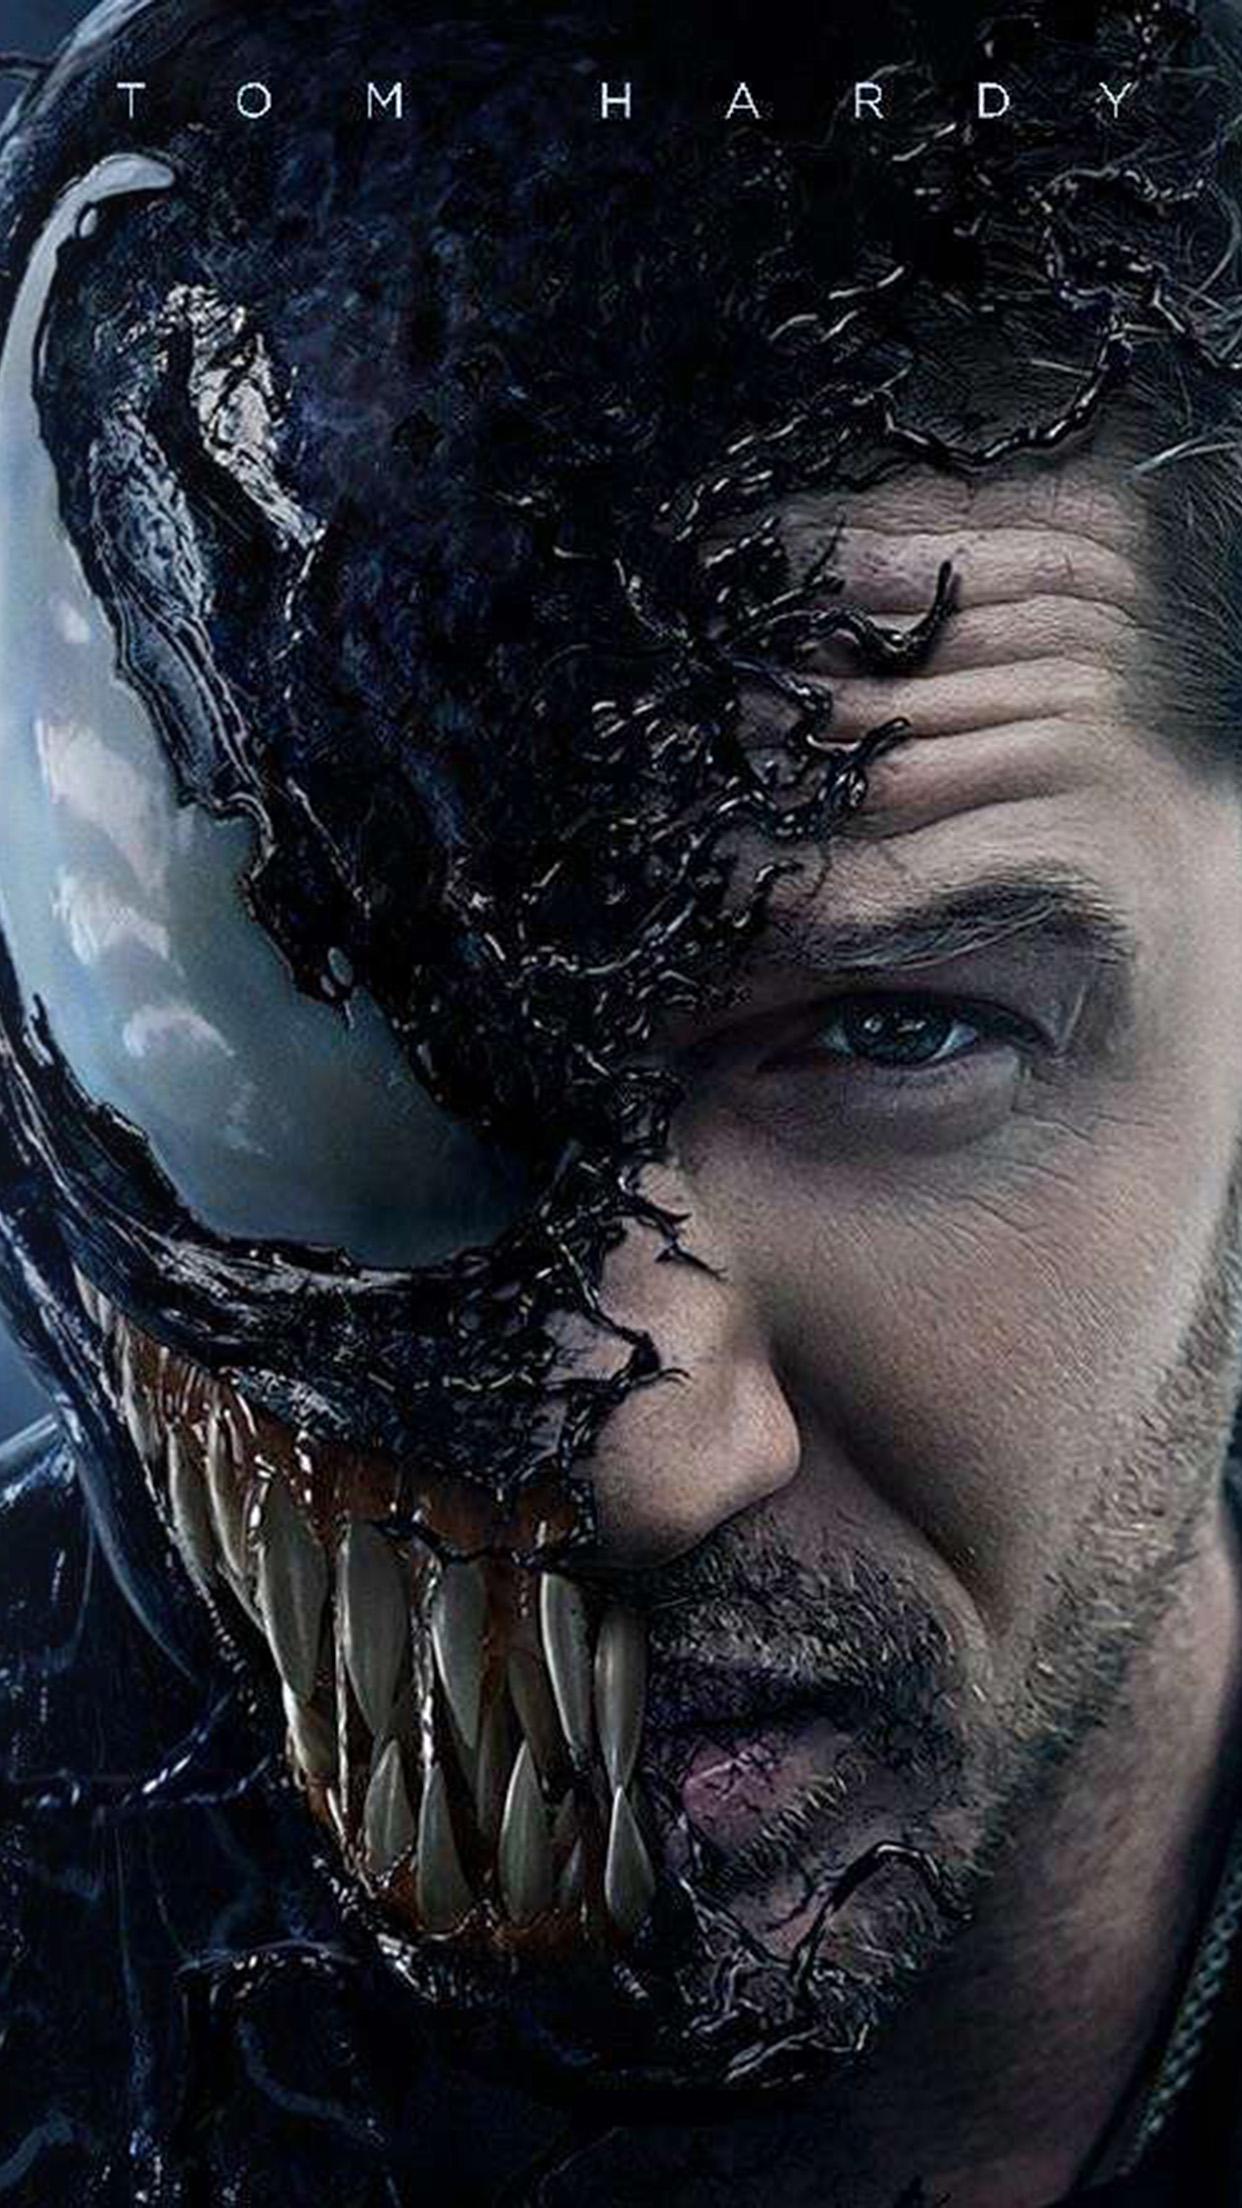 Hd Car Wallpaper For Iphone 6 Bg51 Venom Dark Poster Film Marvel Hero Art Wallpaper